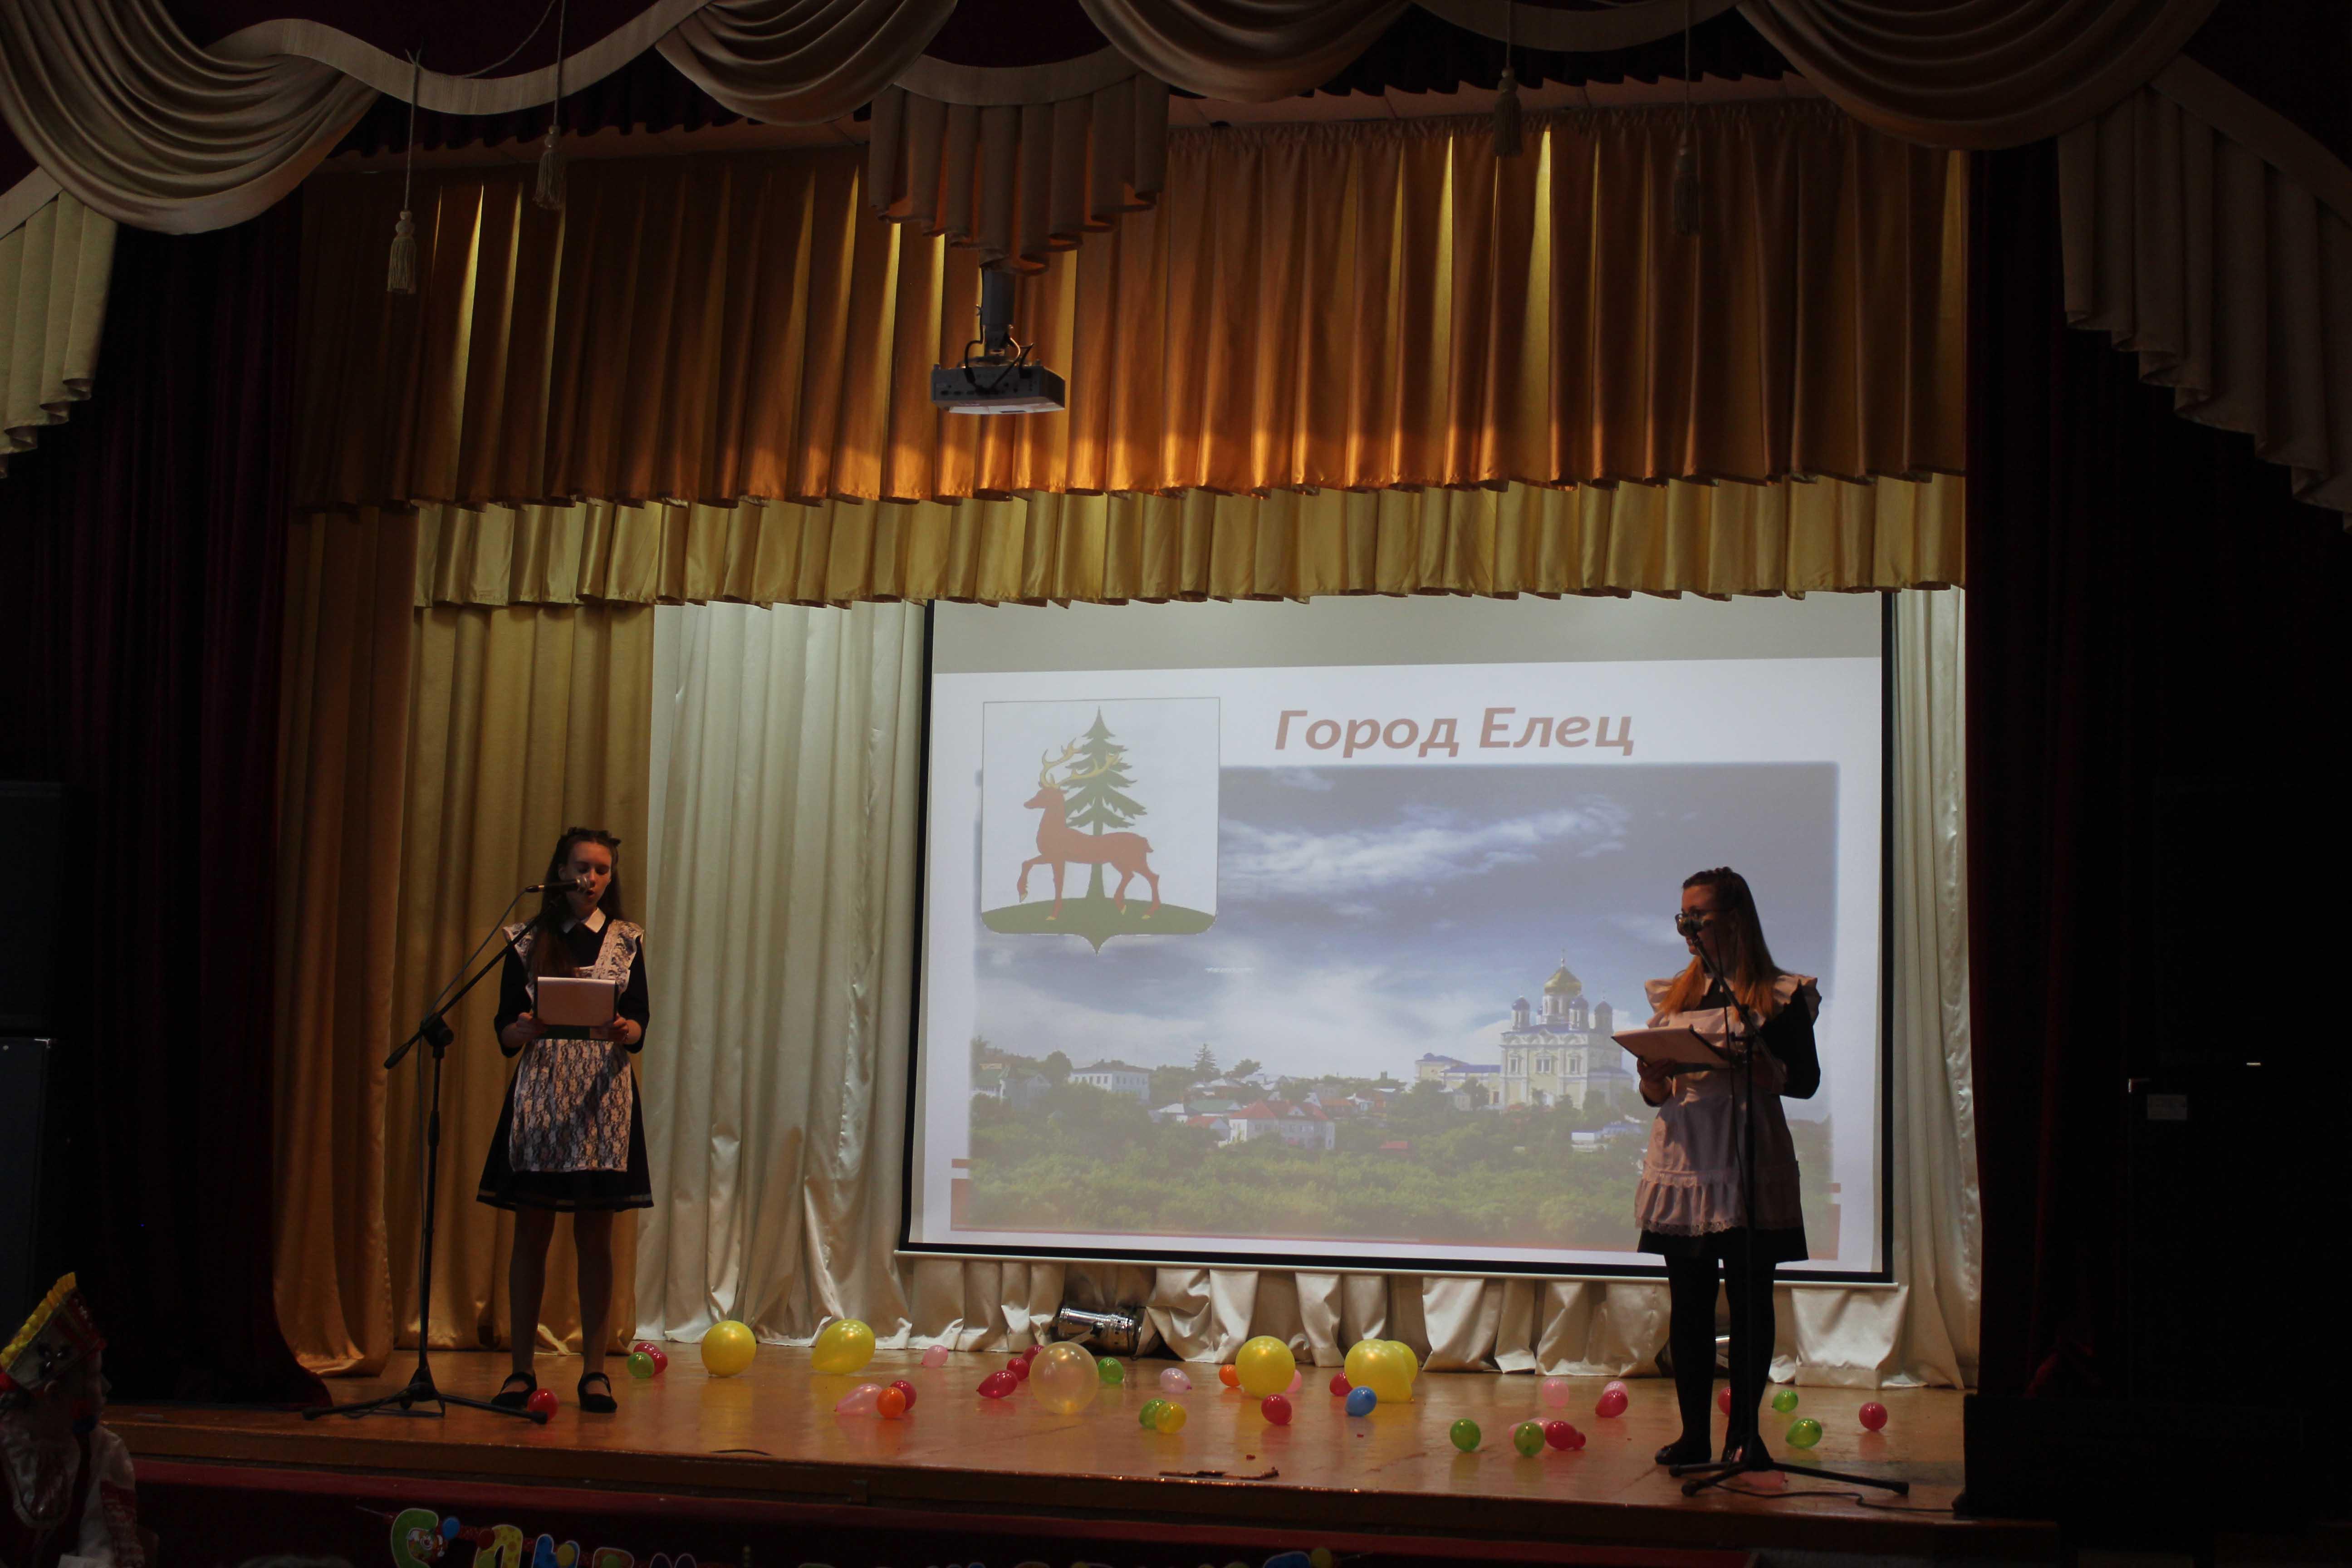 Липецкой области 65 лет!